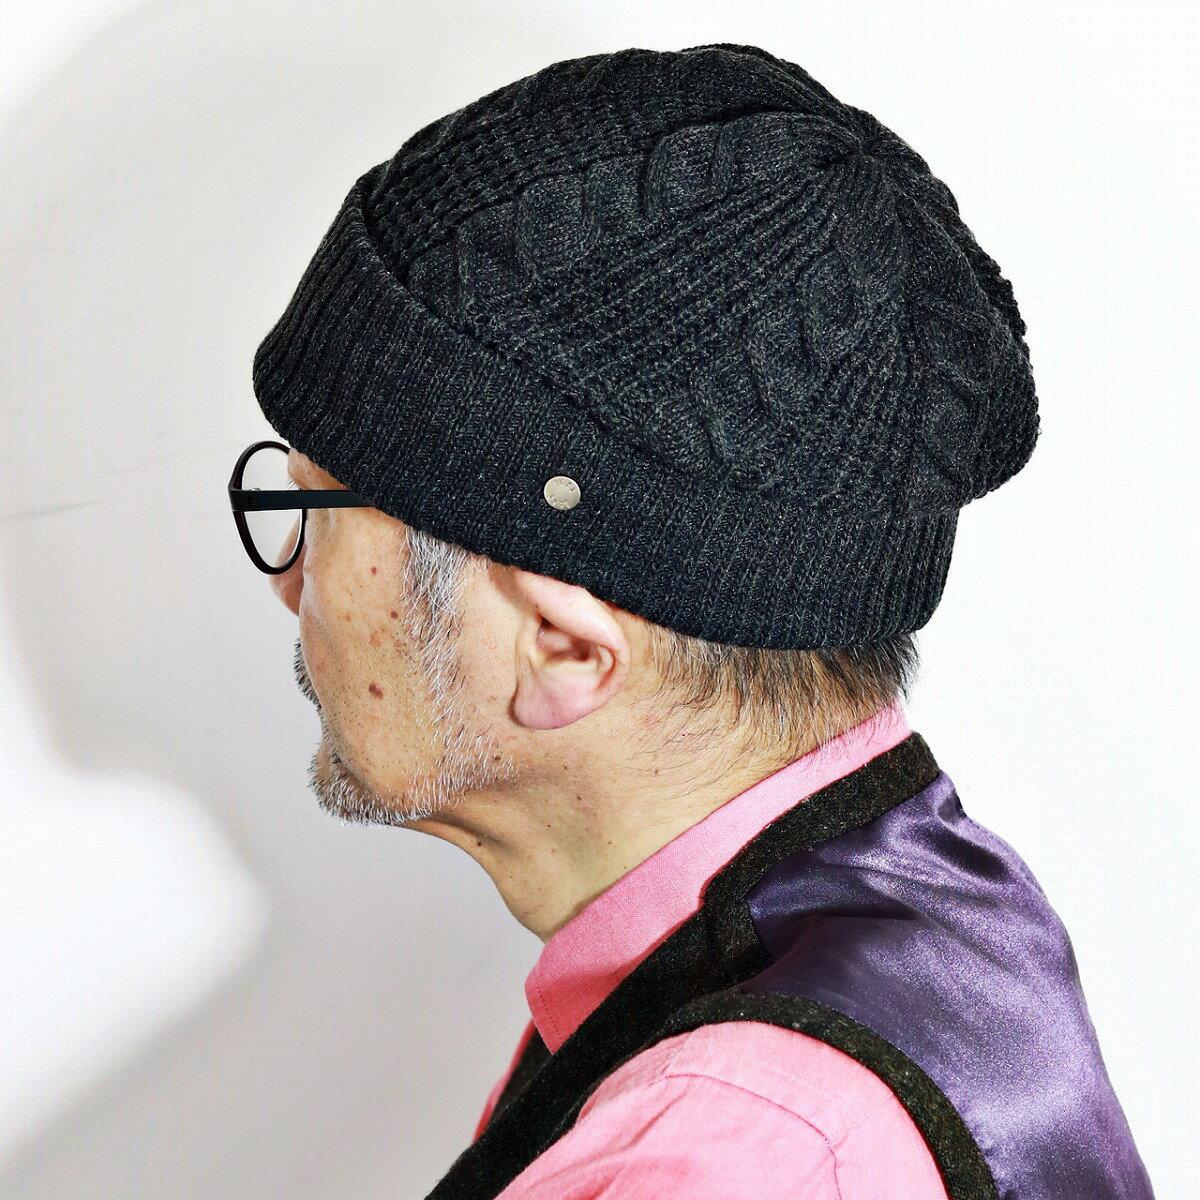 ニット帽子 メンズ 秋 冬 日本製 ダックス 帽子 メンズ DAKS 折り返し ニットワッチ 帽子 ニット帽 レディース ワッチキャップ 灰色 チャコール グレー [ knit cap ] ( クリスマス ギフト包装 ラッピング 無料 )